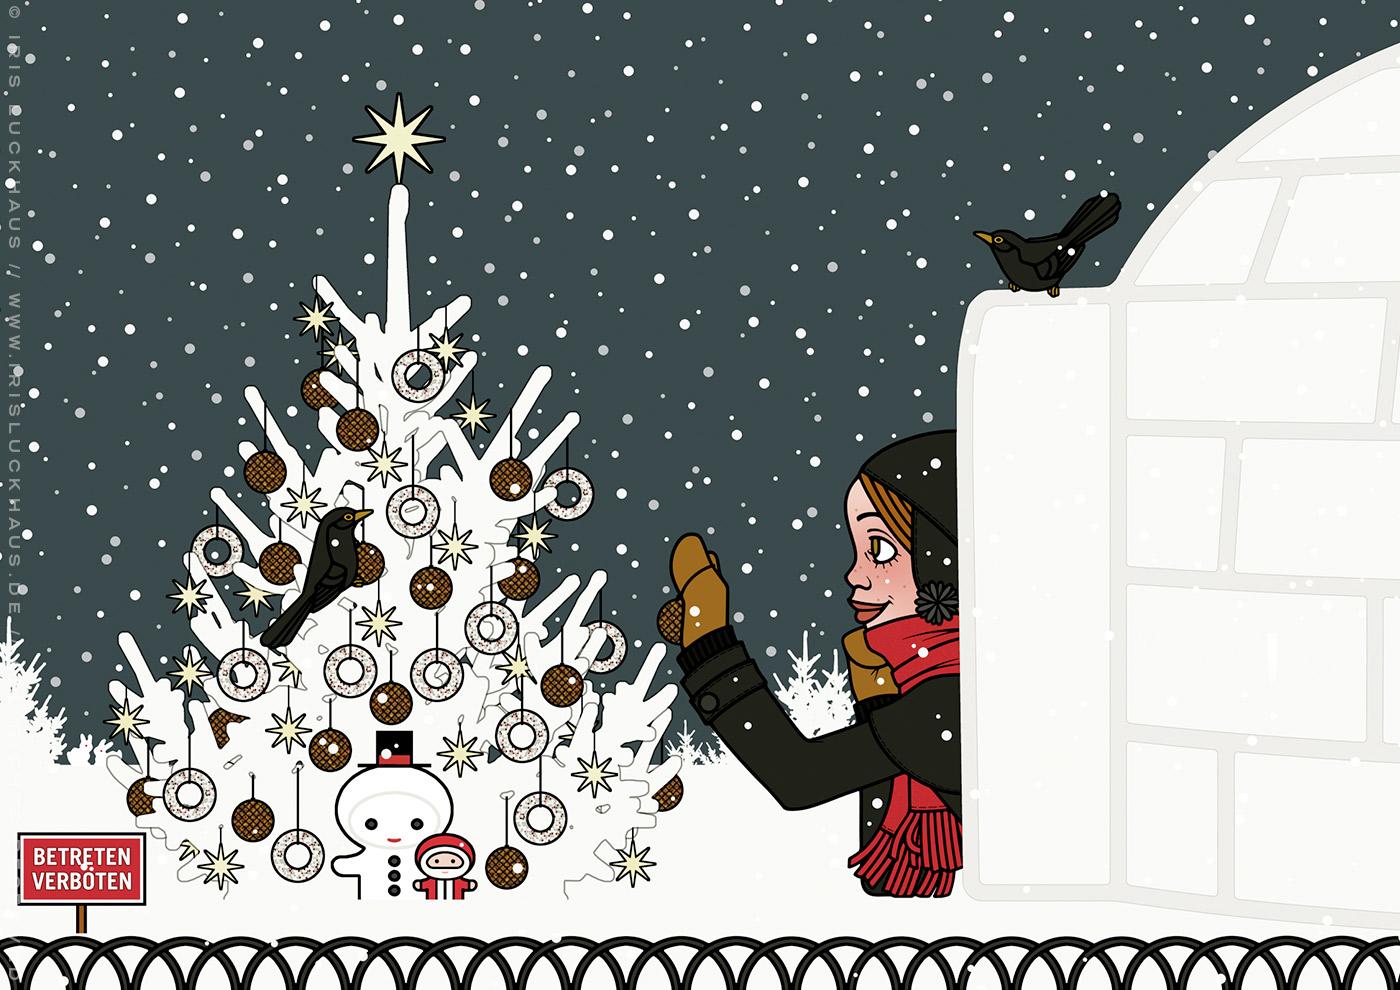 Zeichnung von einem Mächen, das sich im Schnee vor lauer Begeisterung einen Iglu gebaut hat und nun mit einer Amsel einen Tannenbaum mit Meisenknödeln schmückt, für Lily Lux